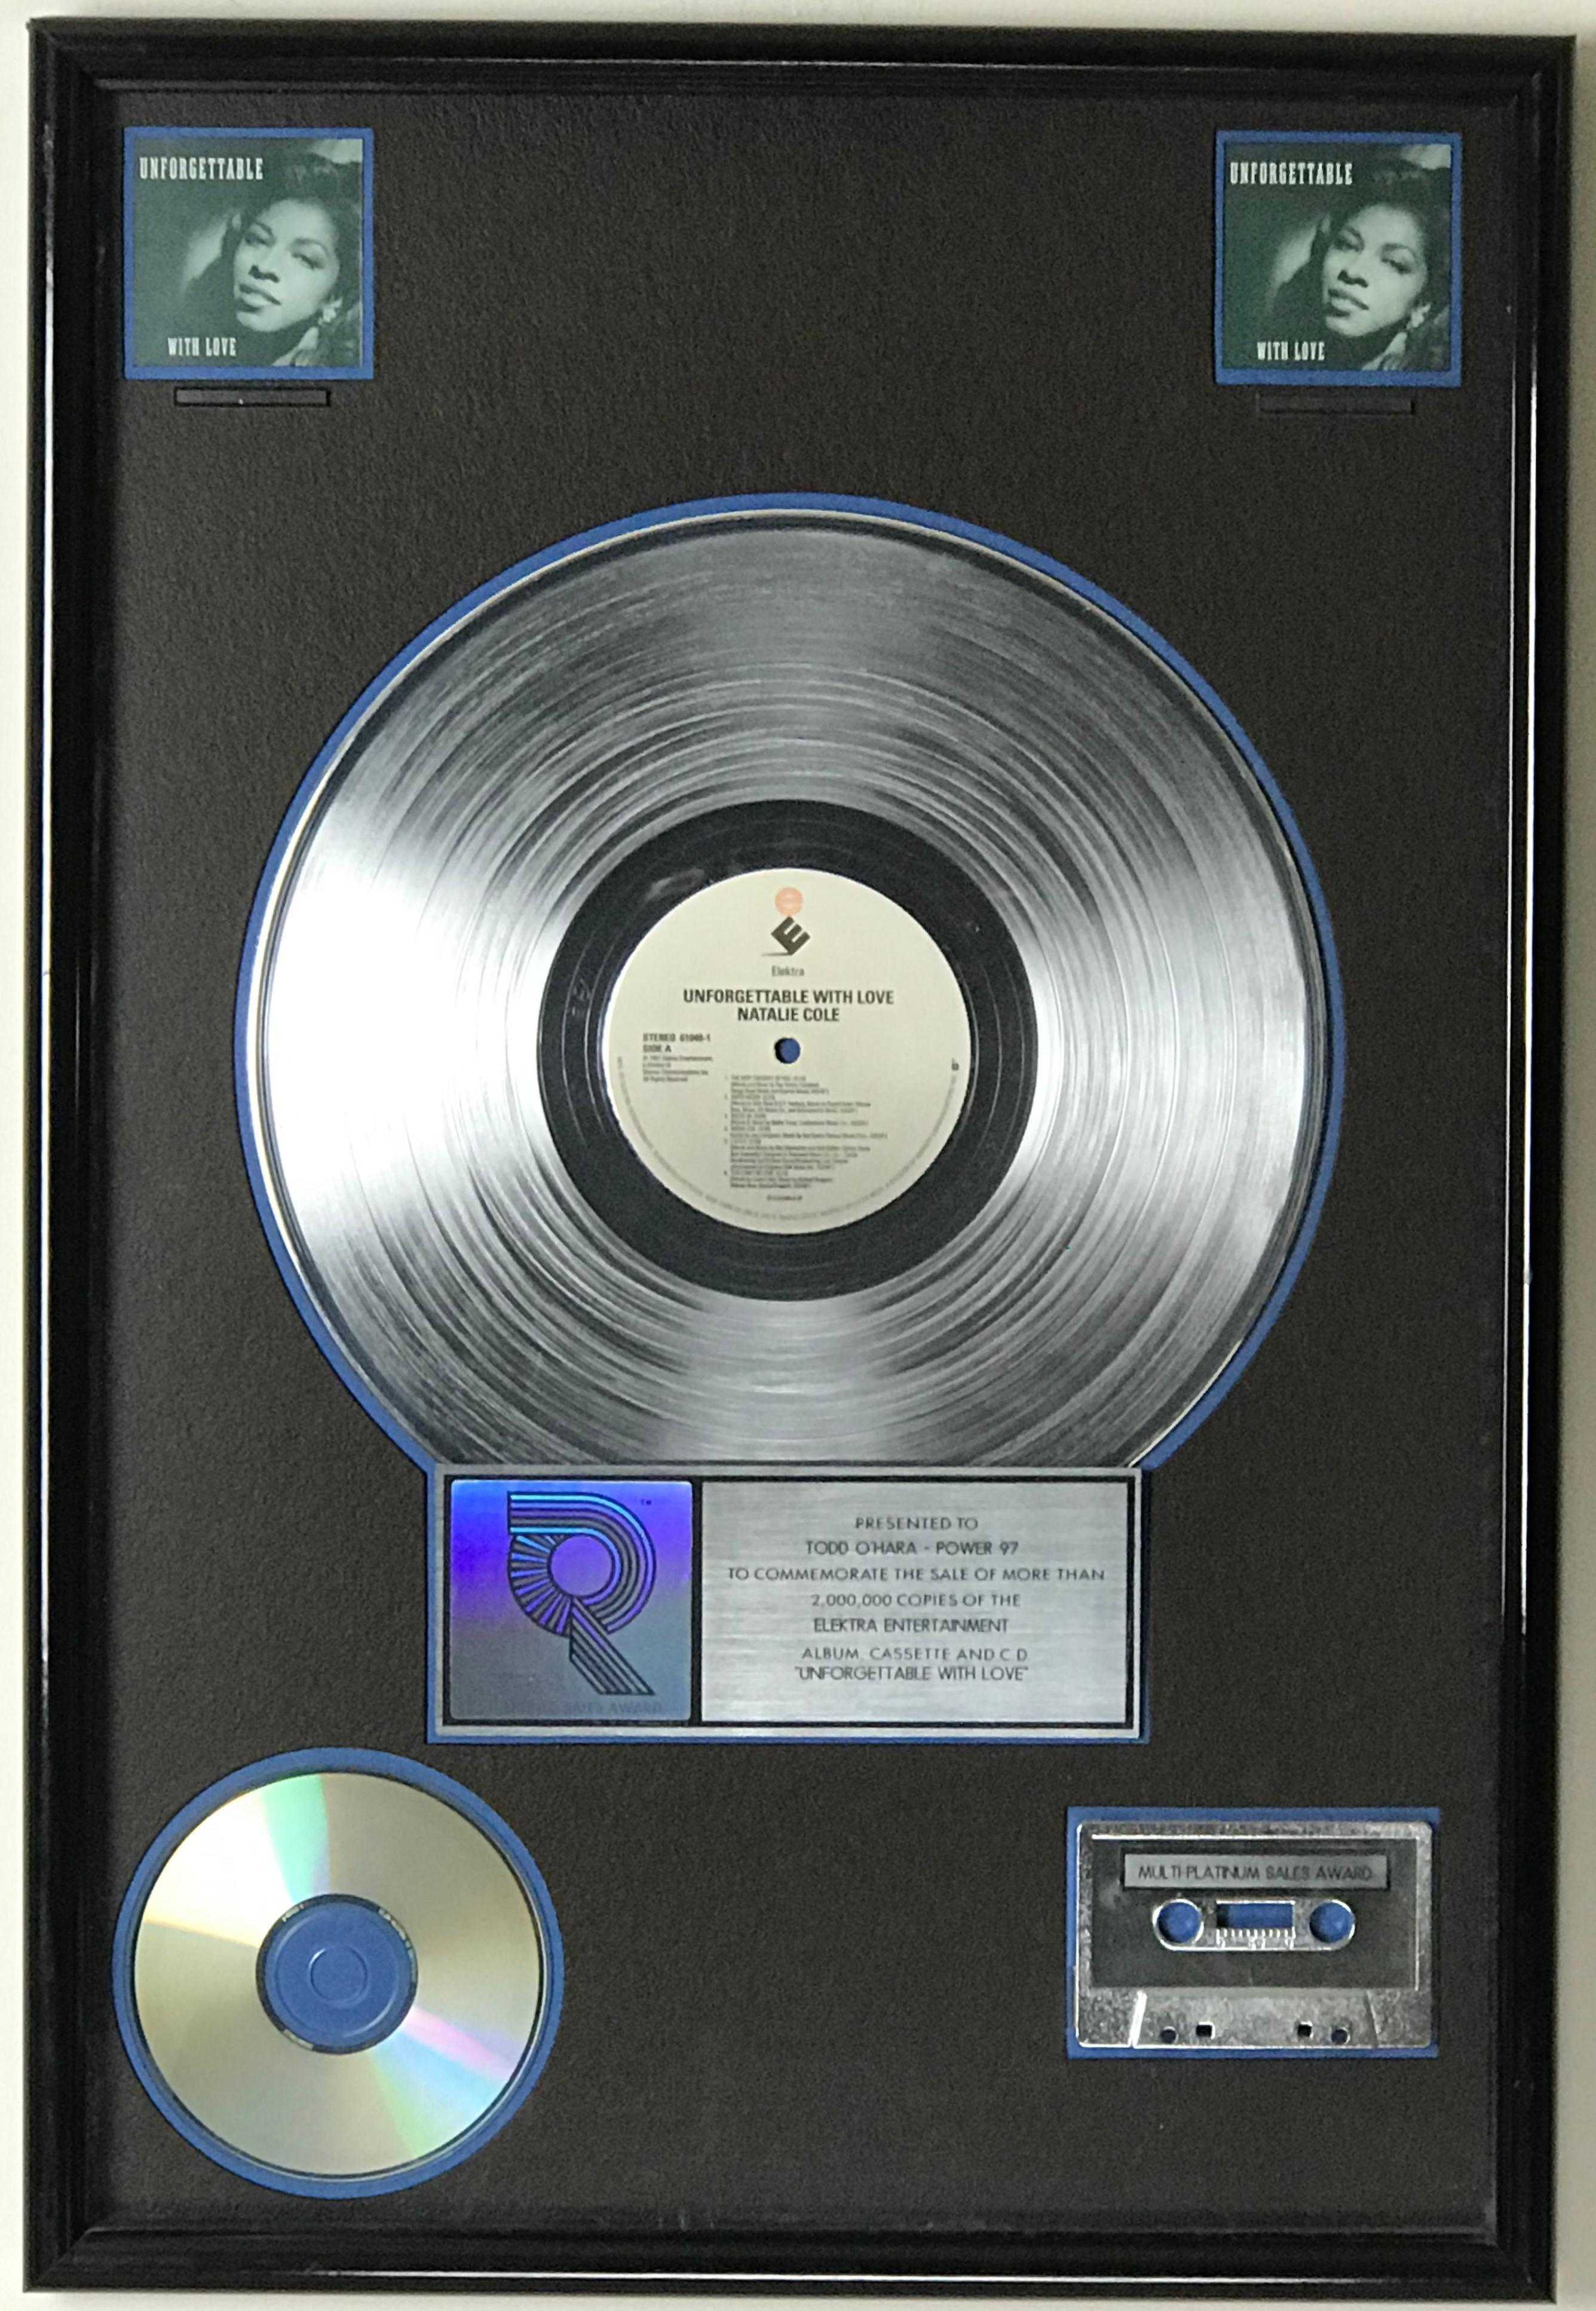 Natalie Cole - Inseparable | Vinyl Album Covers.com